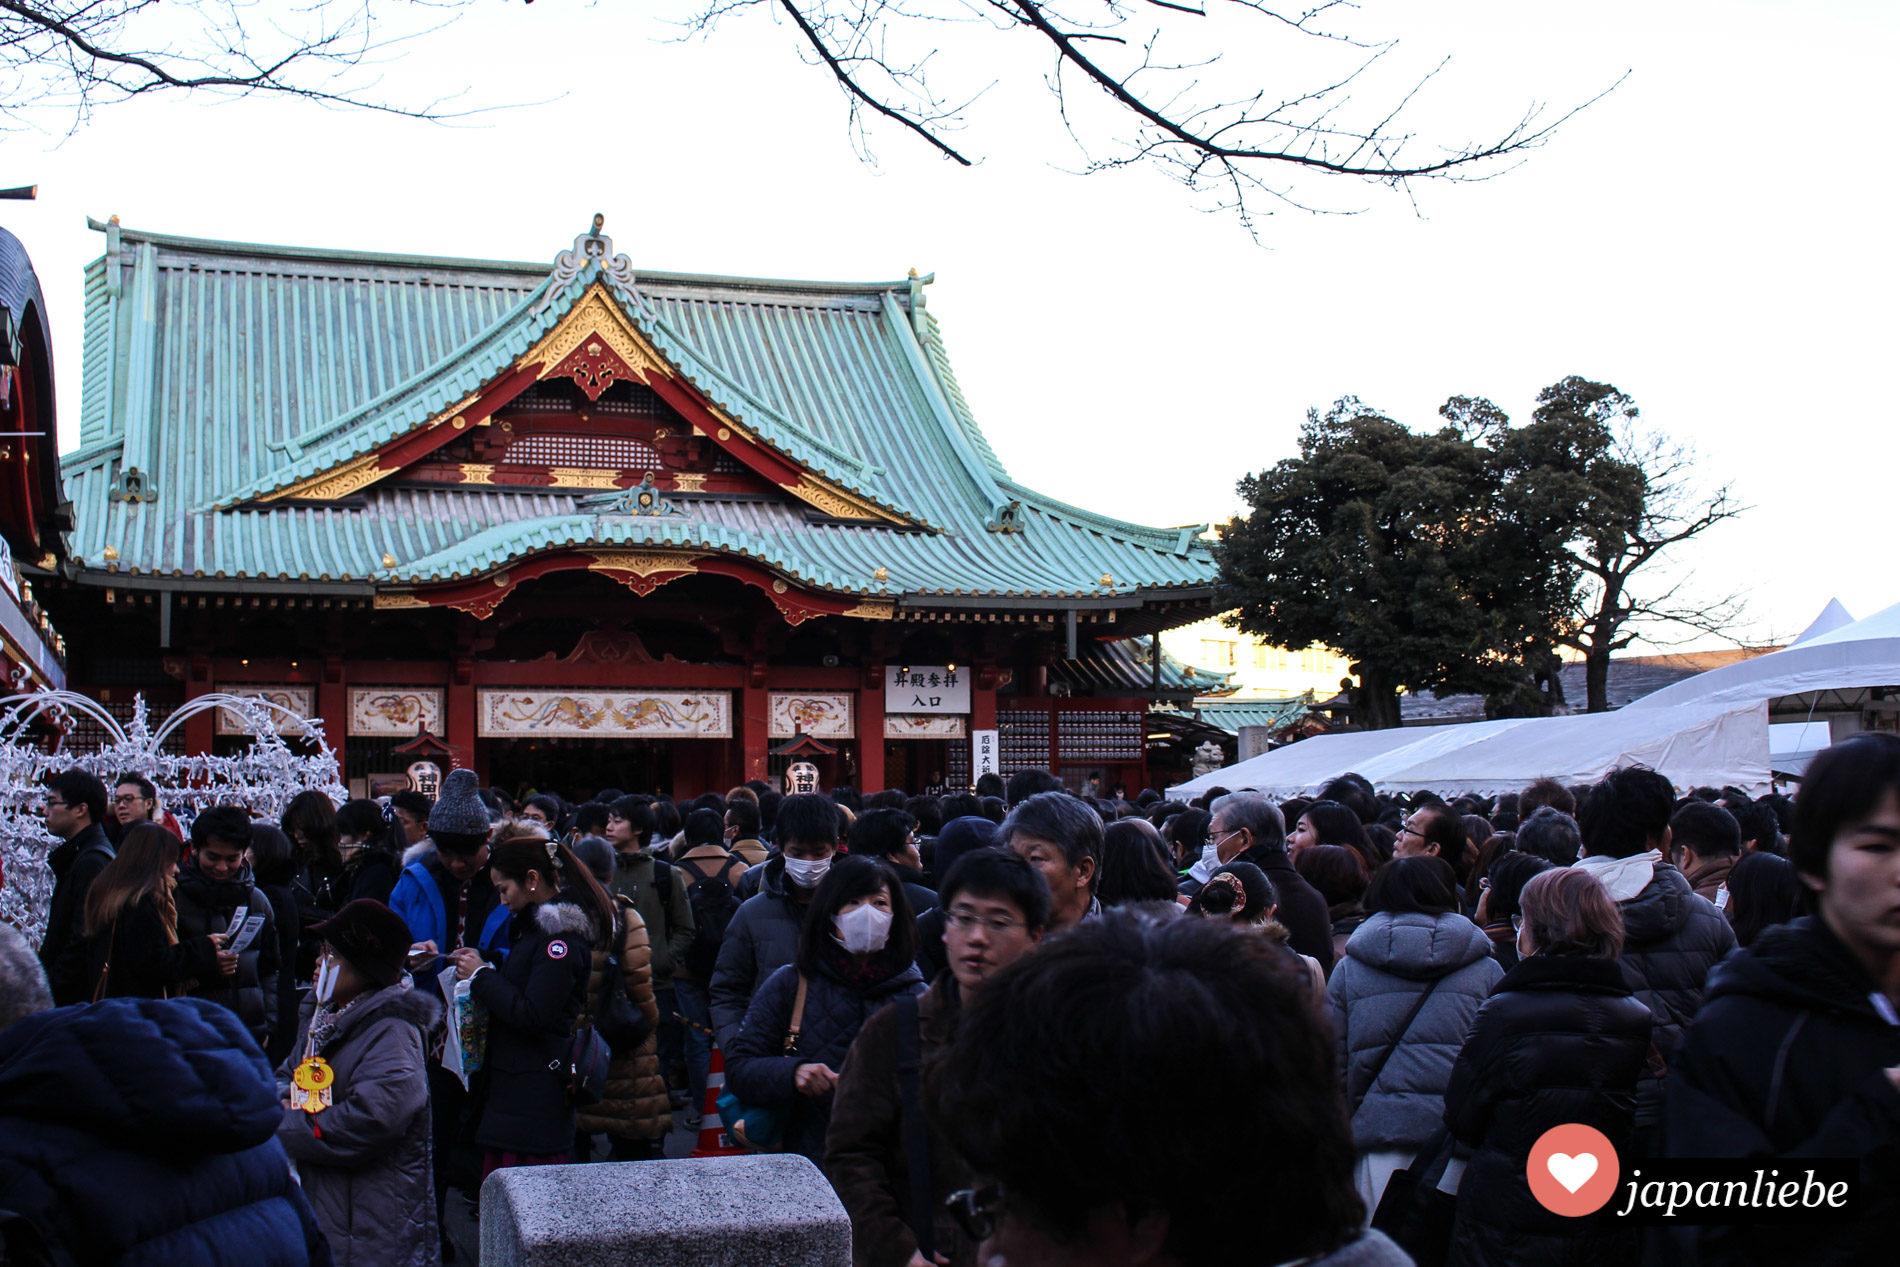 Bei einem Matsuri drängen sich die Menschenmassen am Kanda-myōjin Schrein in Tōkyō.